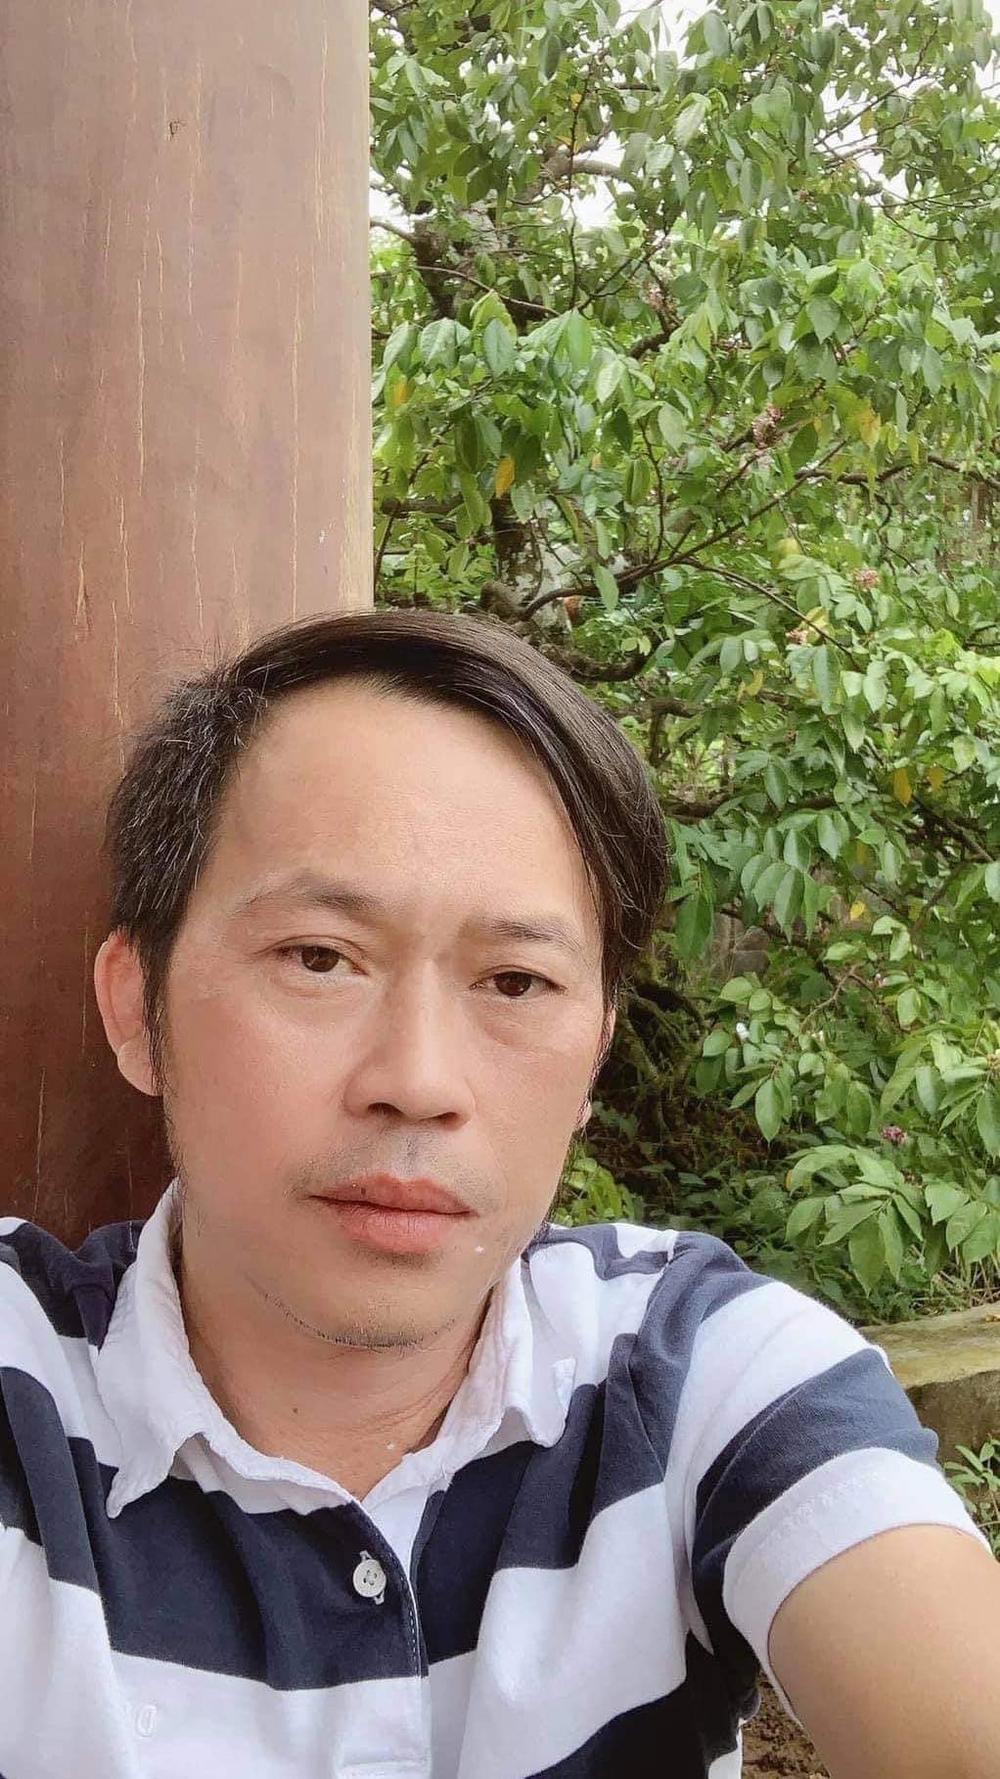 NSƯT Hoài Linh kêu gọi quyên góp hơn 11 tỷ đồng, chia sẻ kế hoạch thiện nguyện cứu trợ miền Trung Ảnh 3